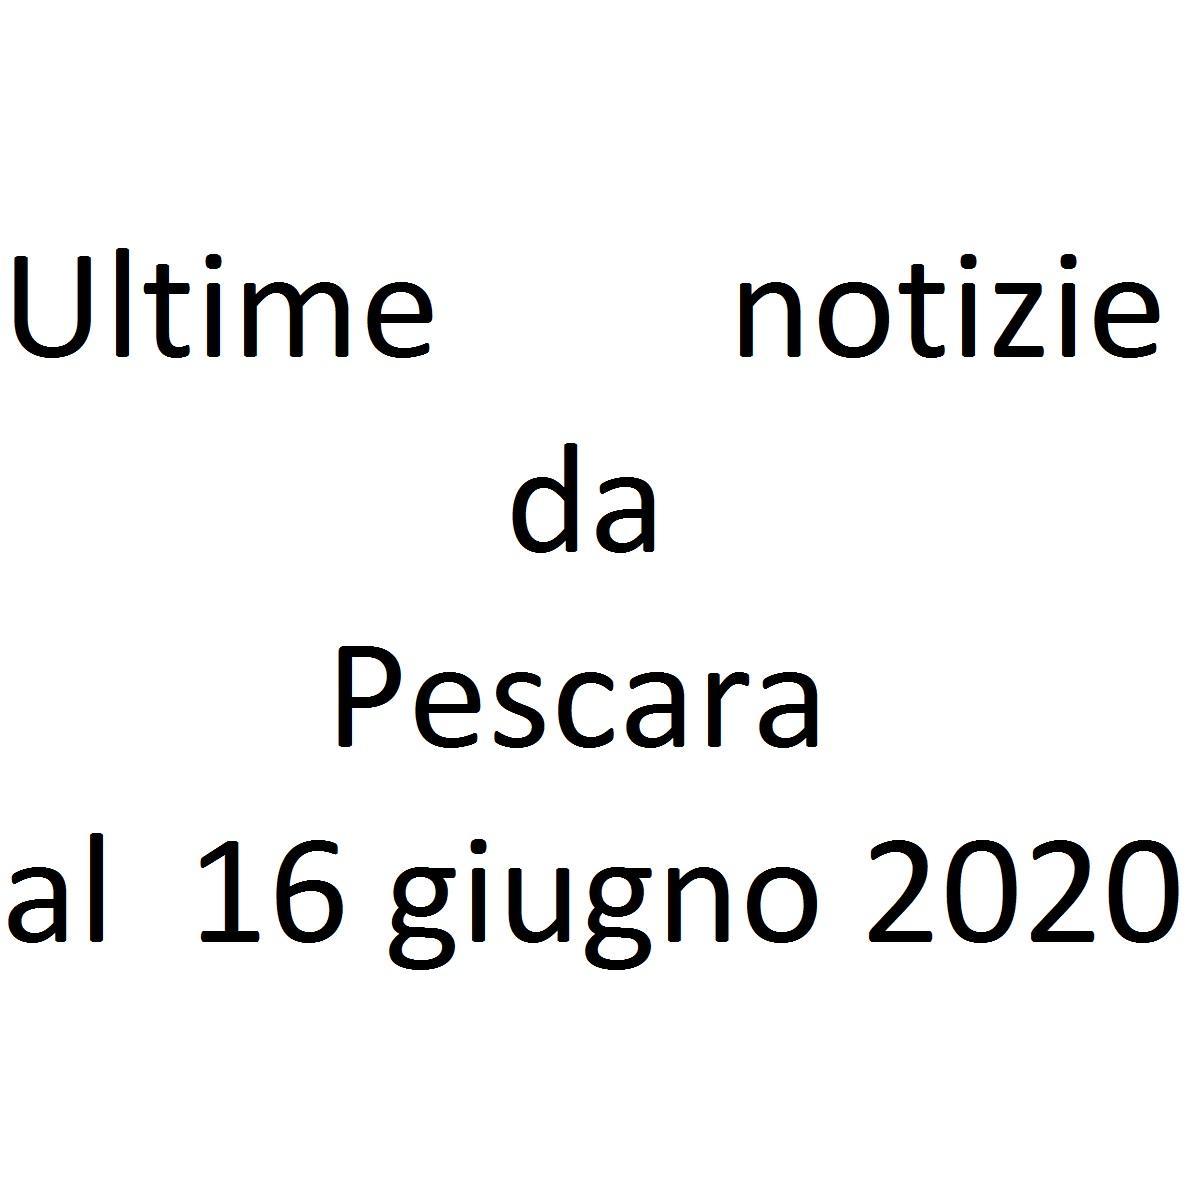 Ultime notizie da Pescara al 16 giugno 2020 foto